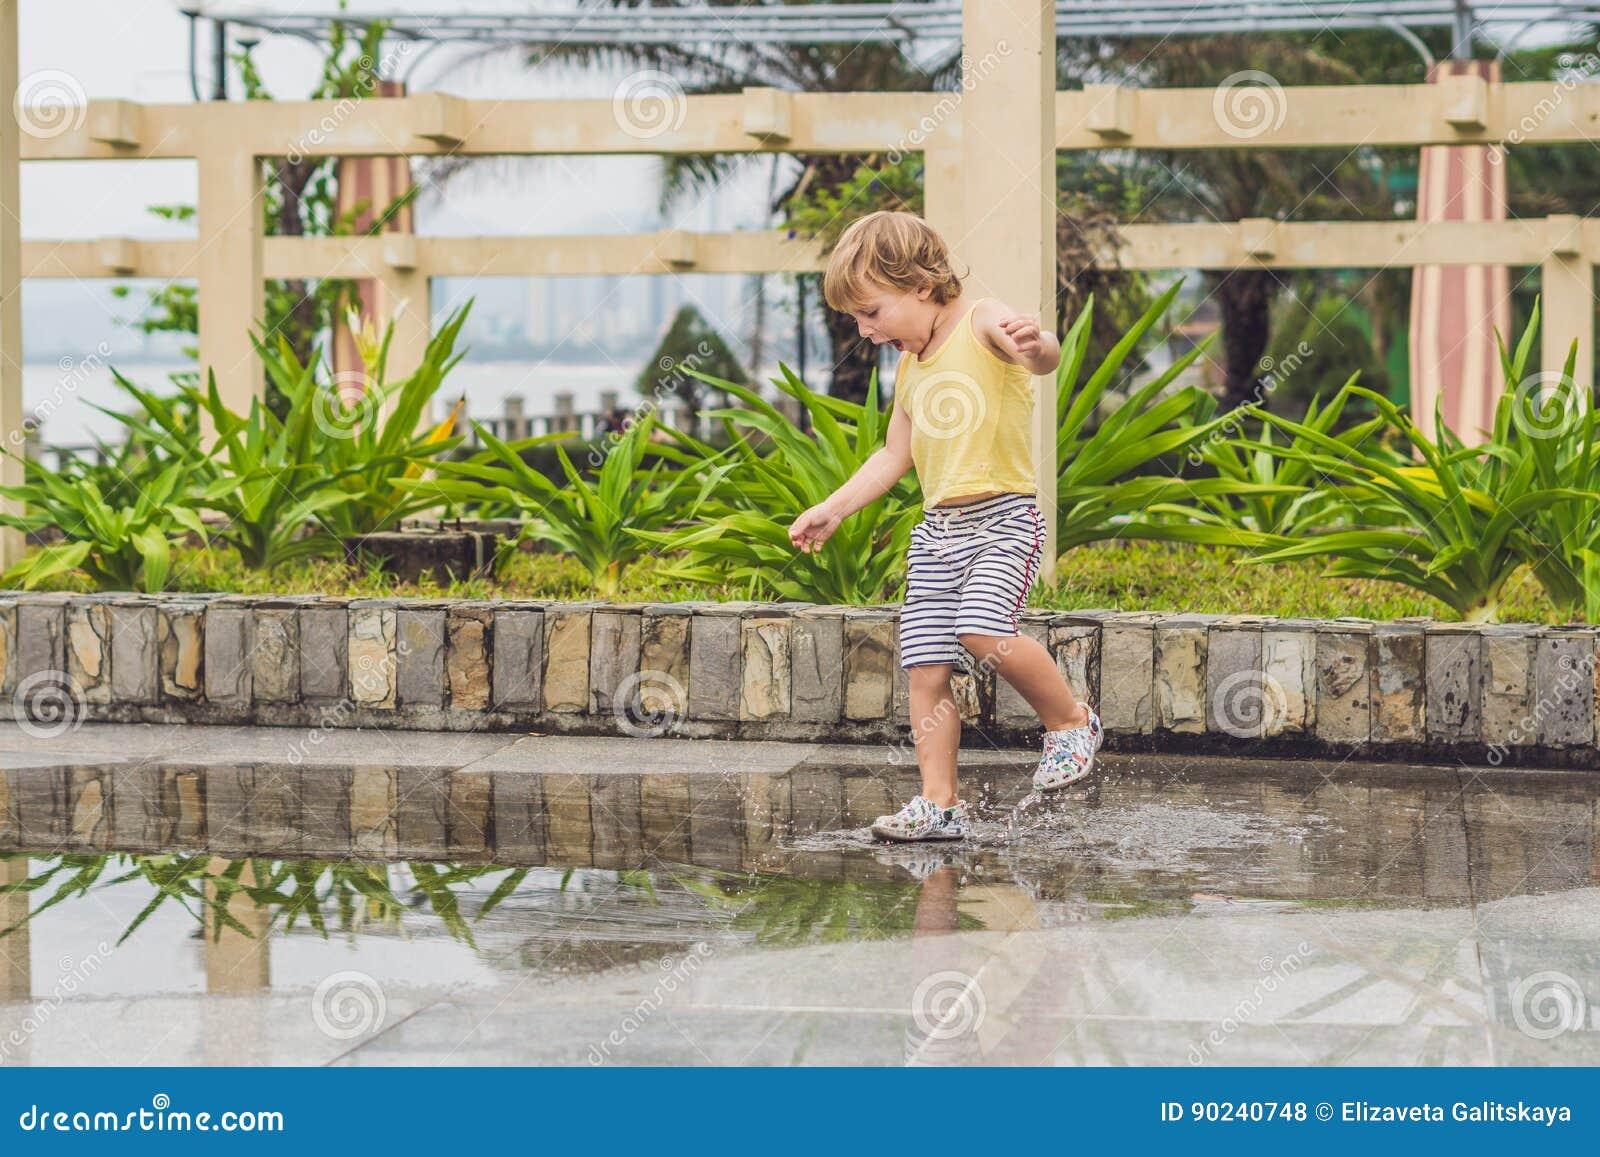 Funcionamientos del niño pequeño a través de un charco Verano al aire libre